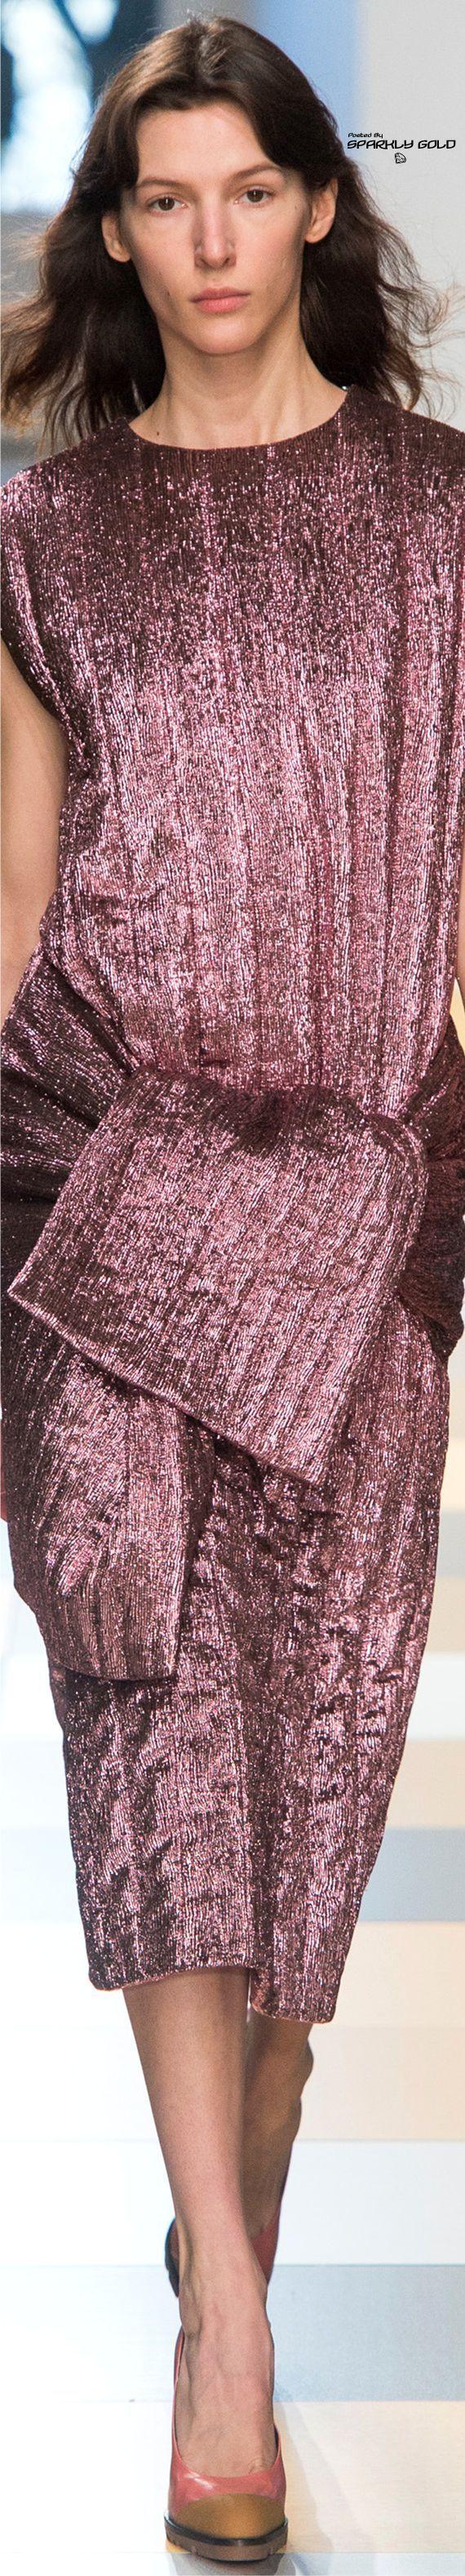 best fashion Jil Sanders images on Pinterest  Jil sander High